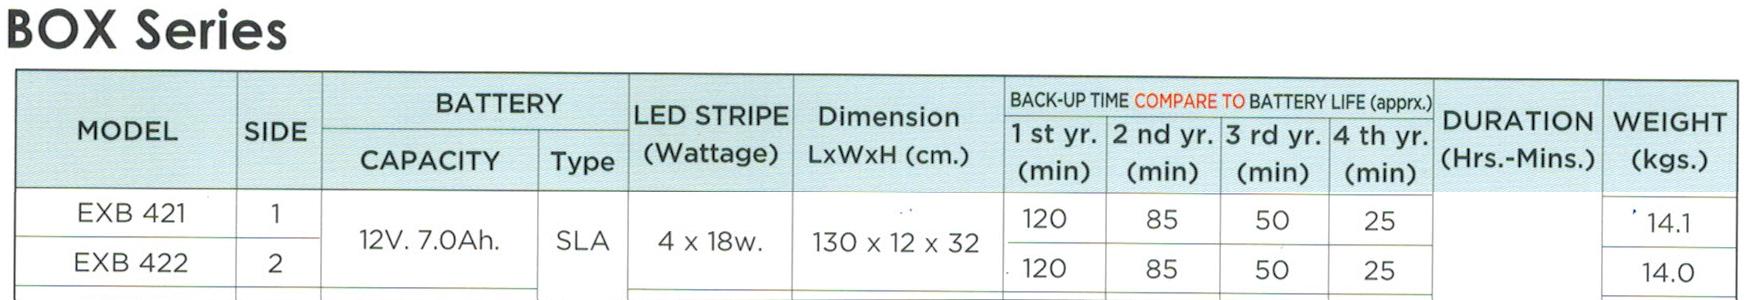 กล่องไฟทางหนีไฟ กล่องไฟทางออก EXB421, EXB422, Box LED Series (Exit Sign Lighting Max Bright C.E.E.)